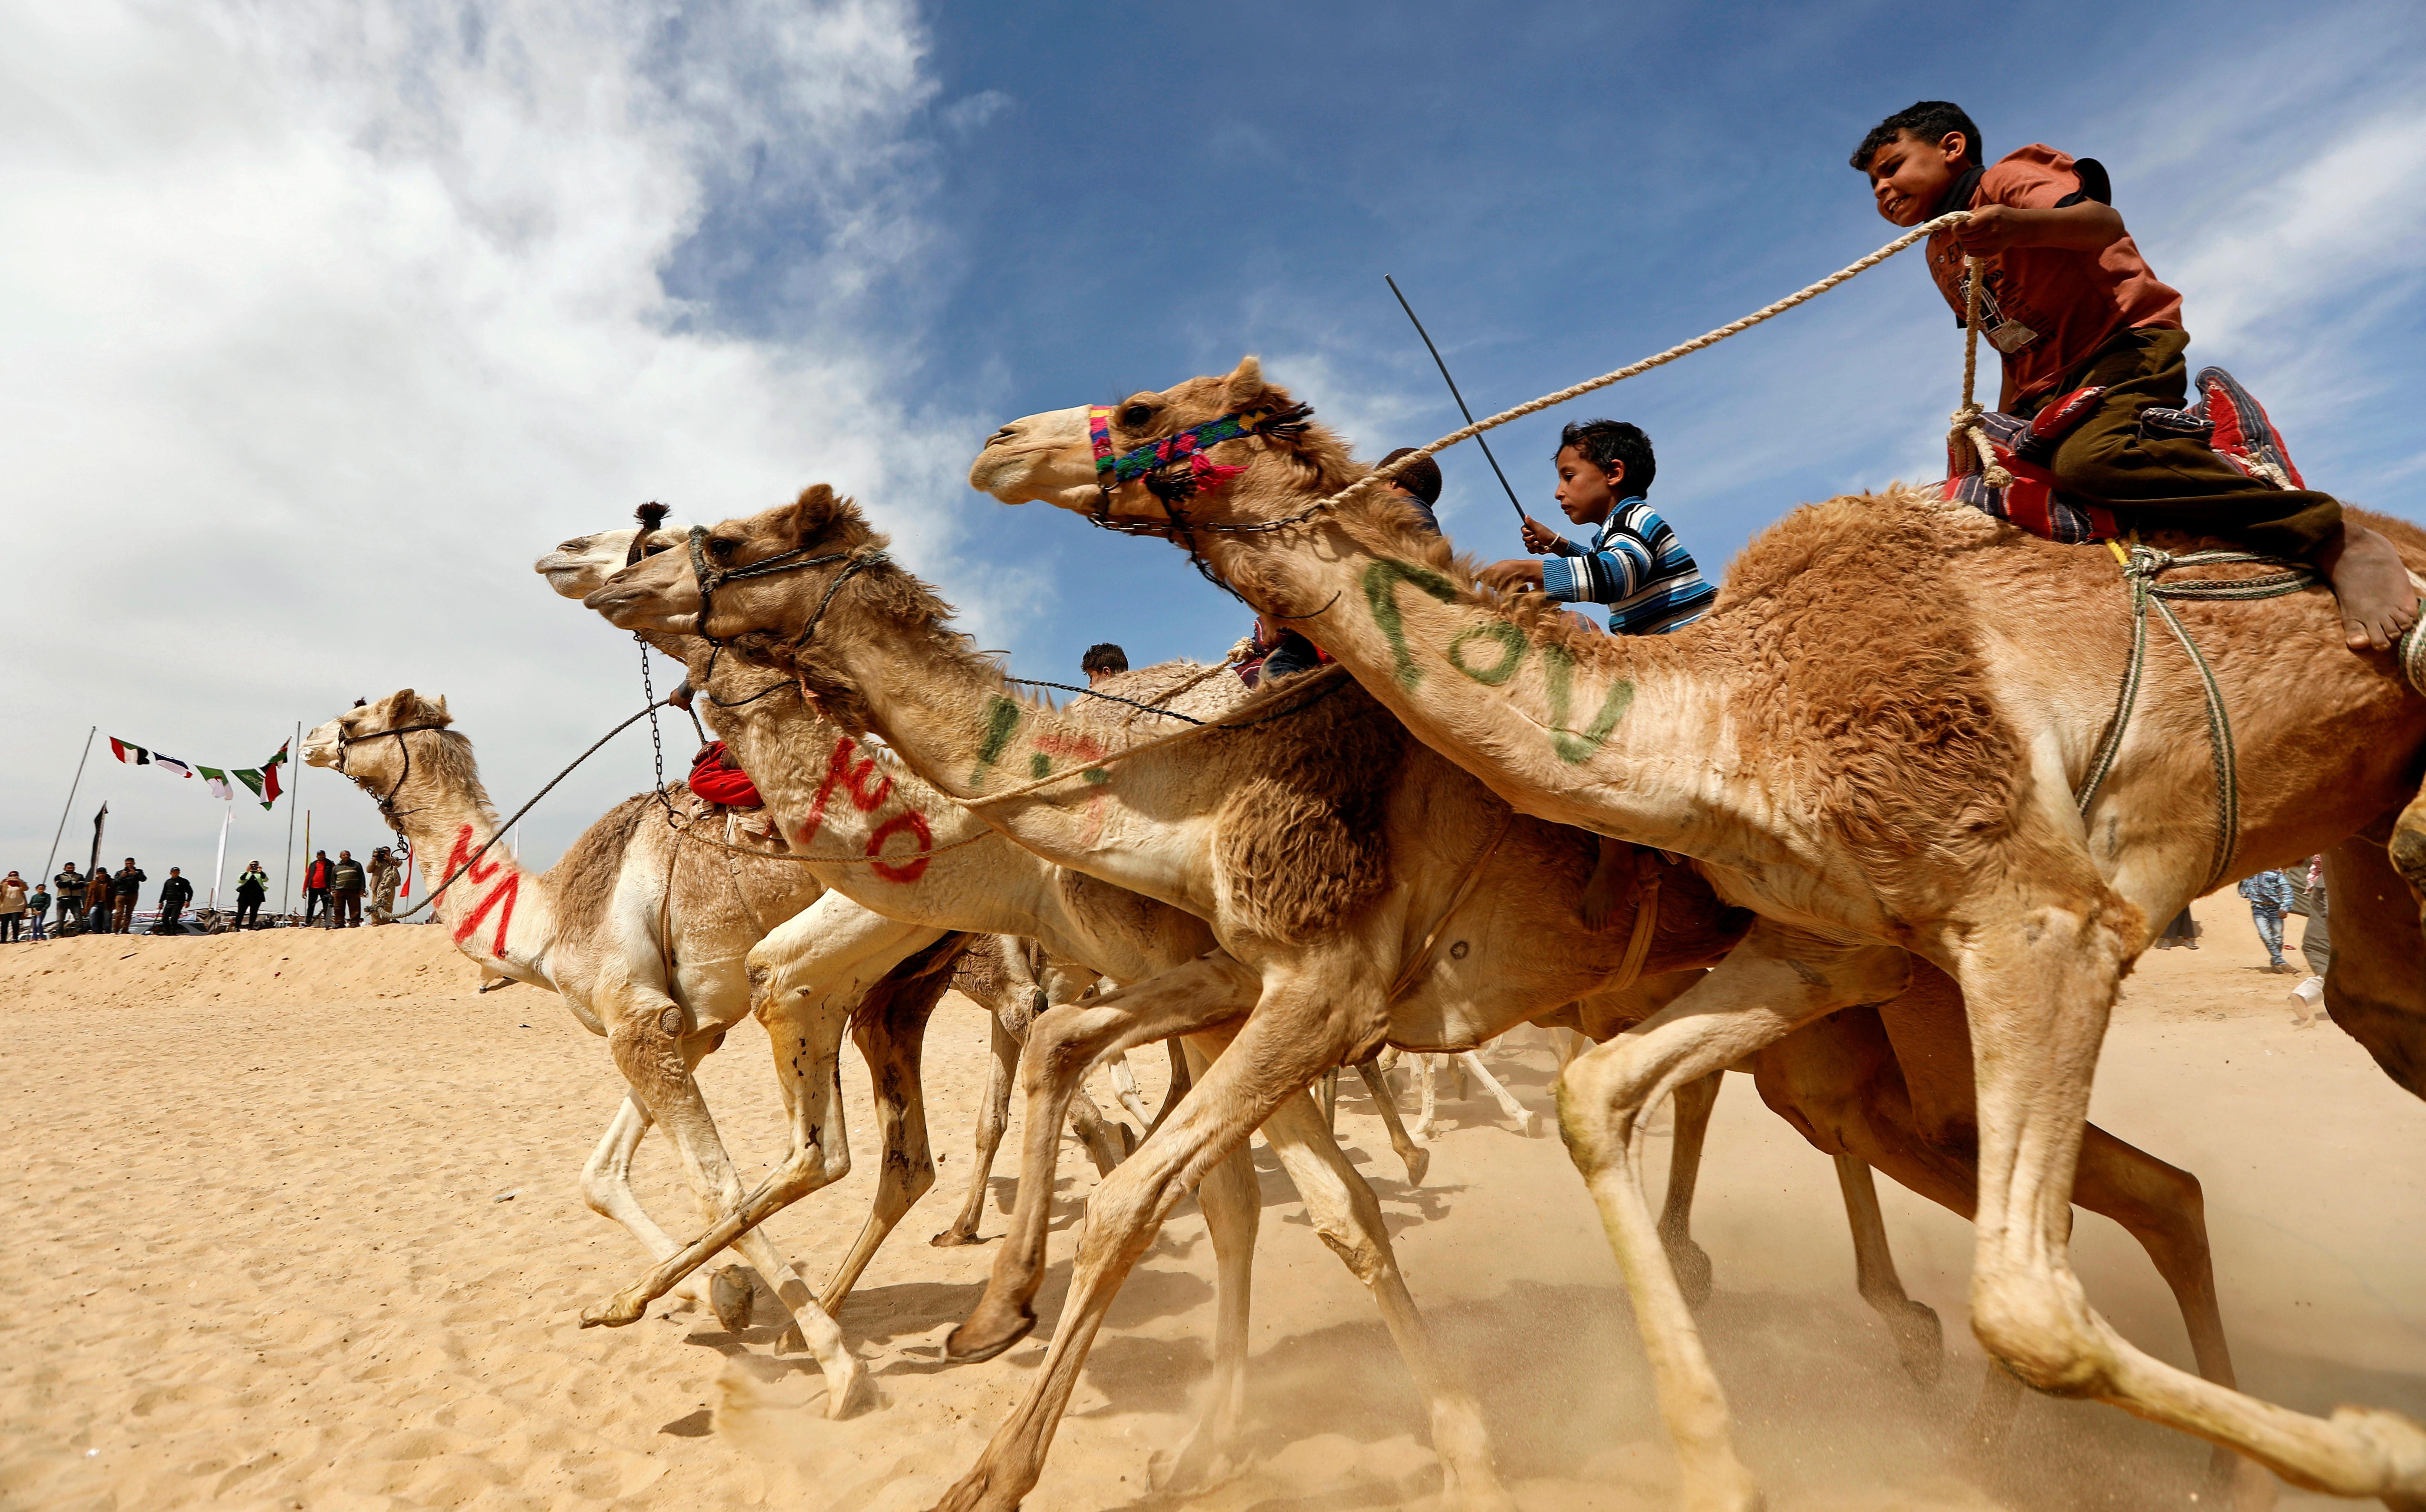 Crianças competem em corrida de camelos no deserto do Egito